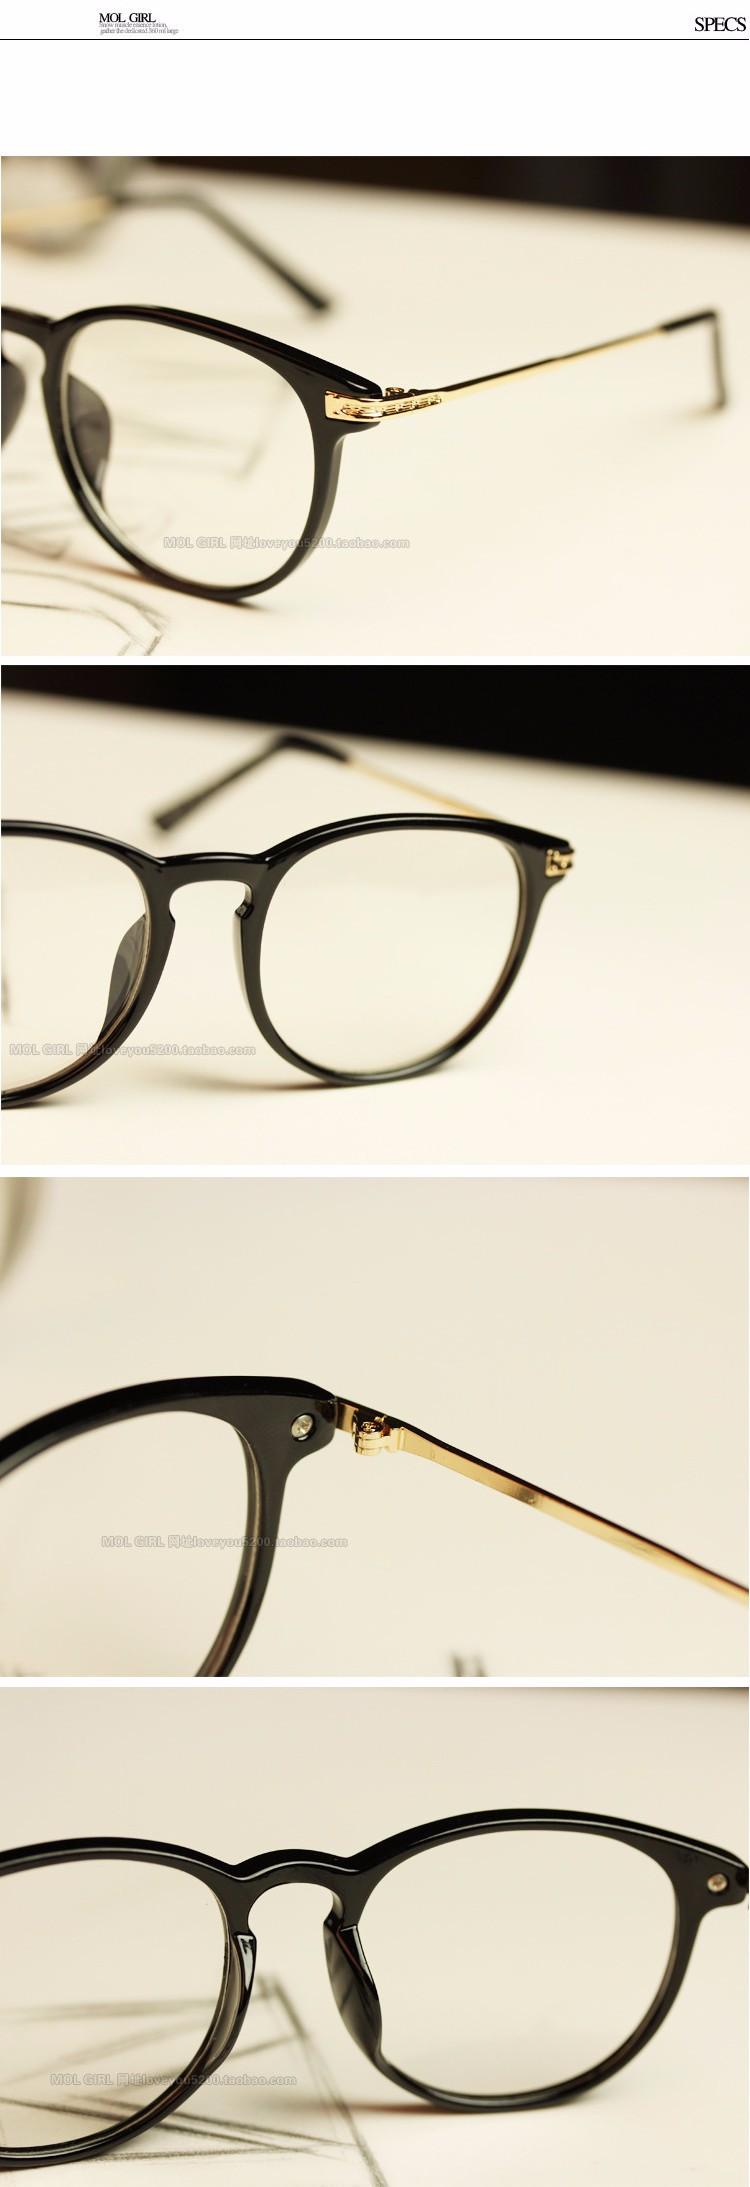 26d8560b27 ... Fashion lasses Women Men Eyeglasses Eye GLasses For Female Male Myopic  Optical Degree Spectacle Frame Eyewear